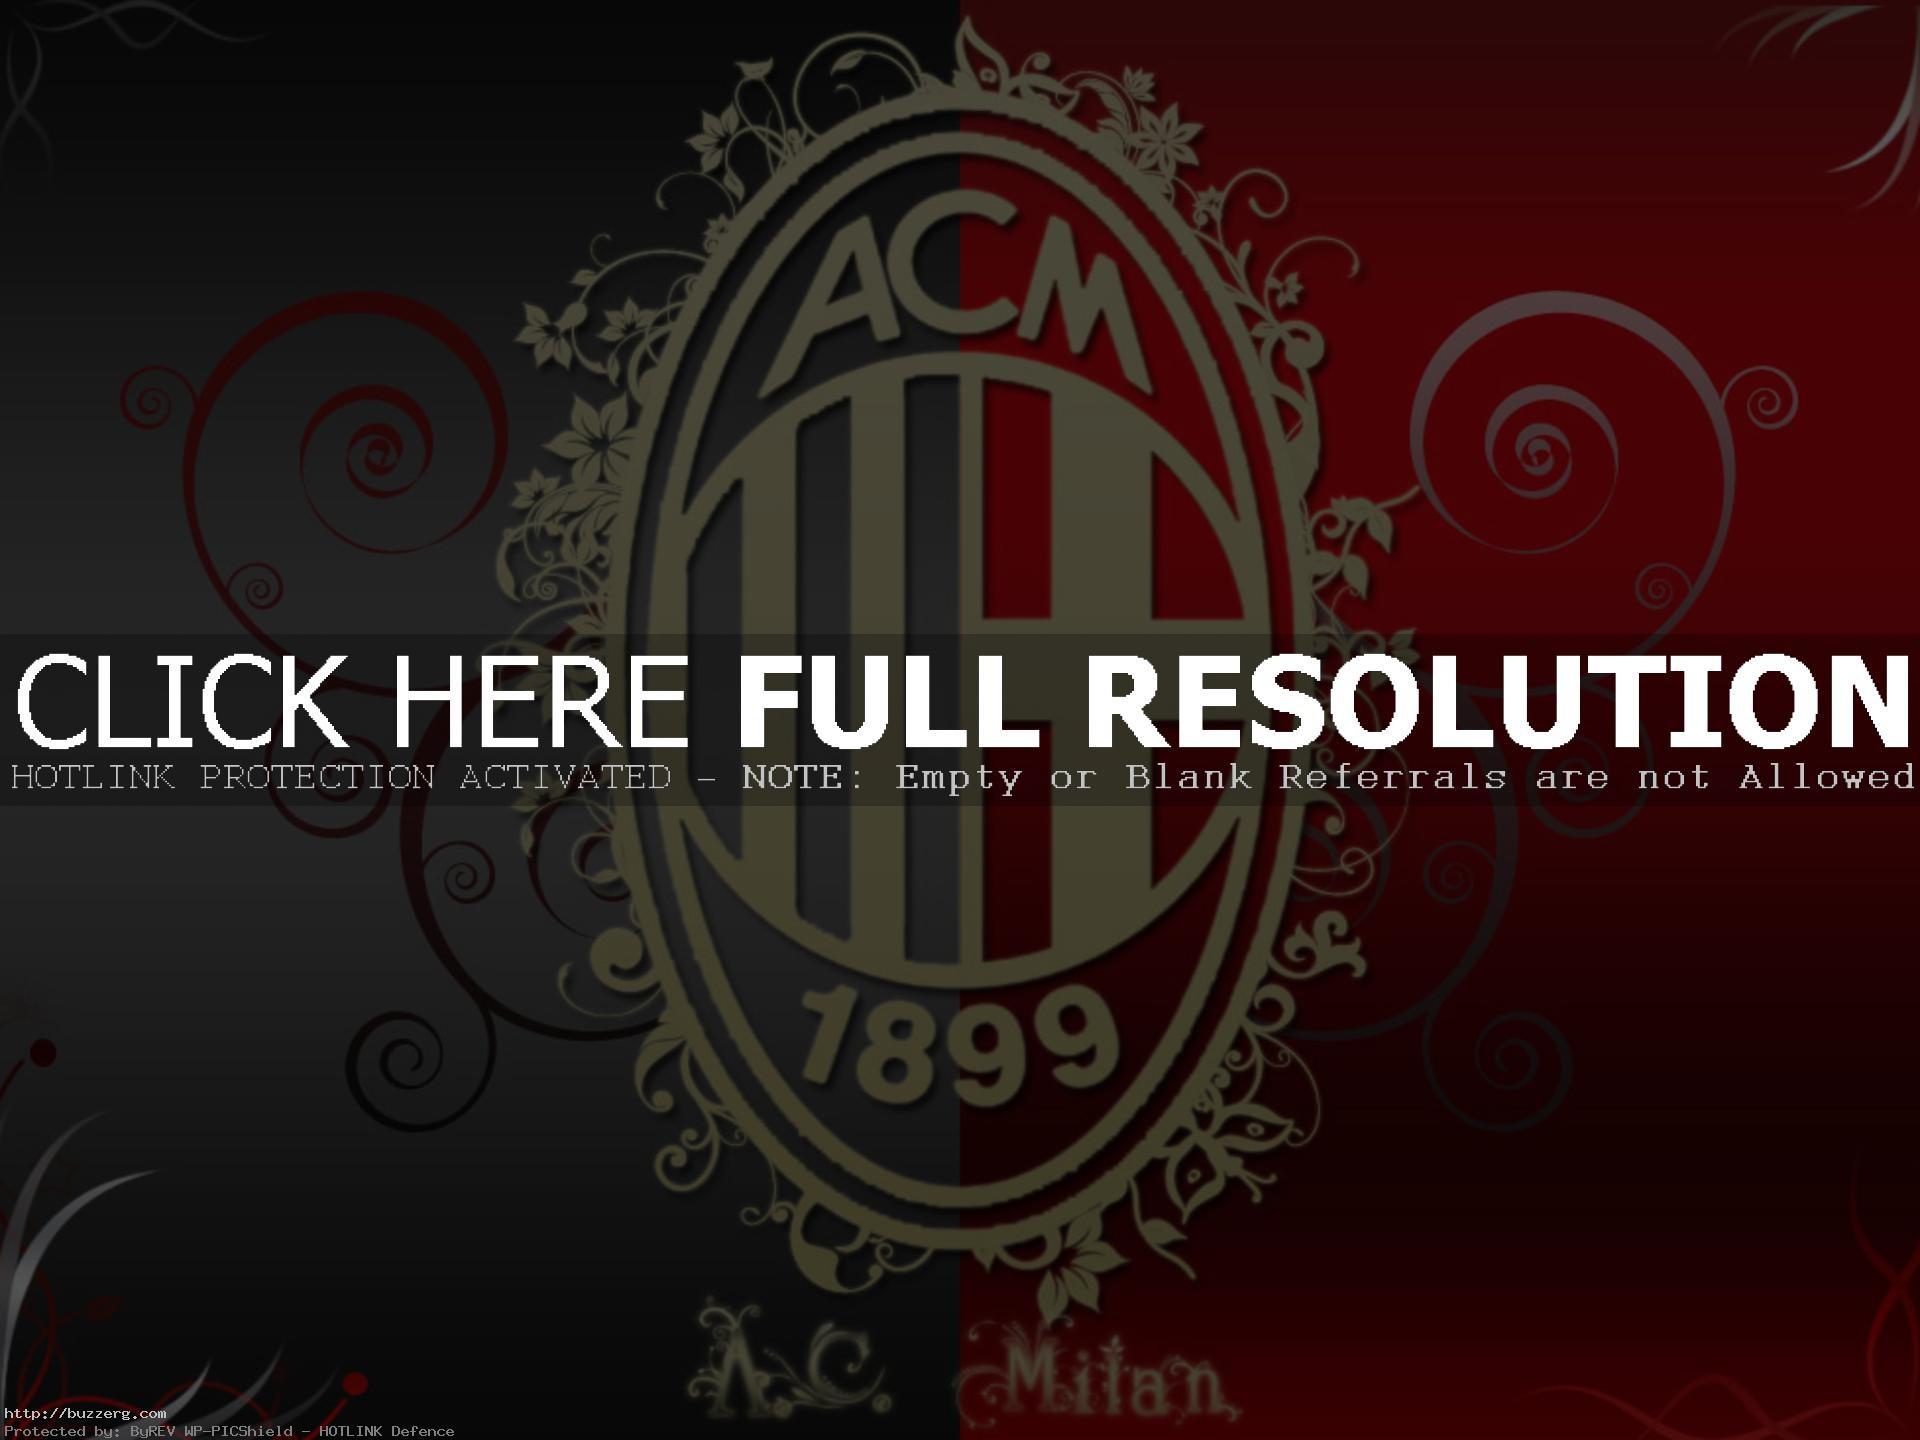 Ac Milan Cool Logo (id: 170763)